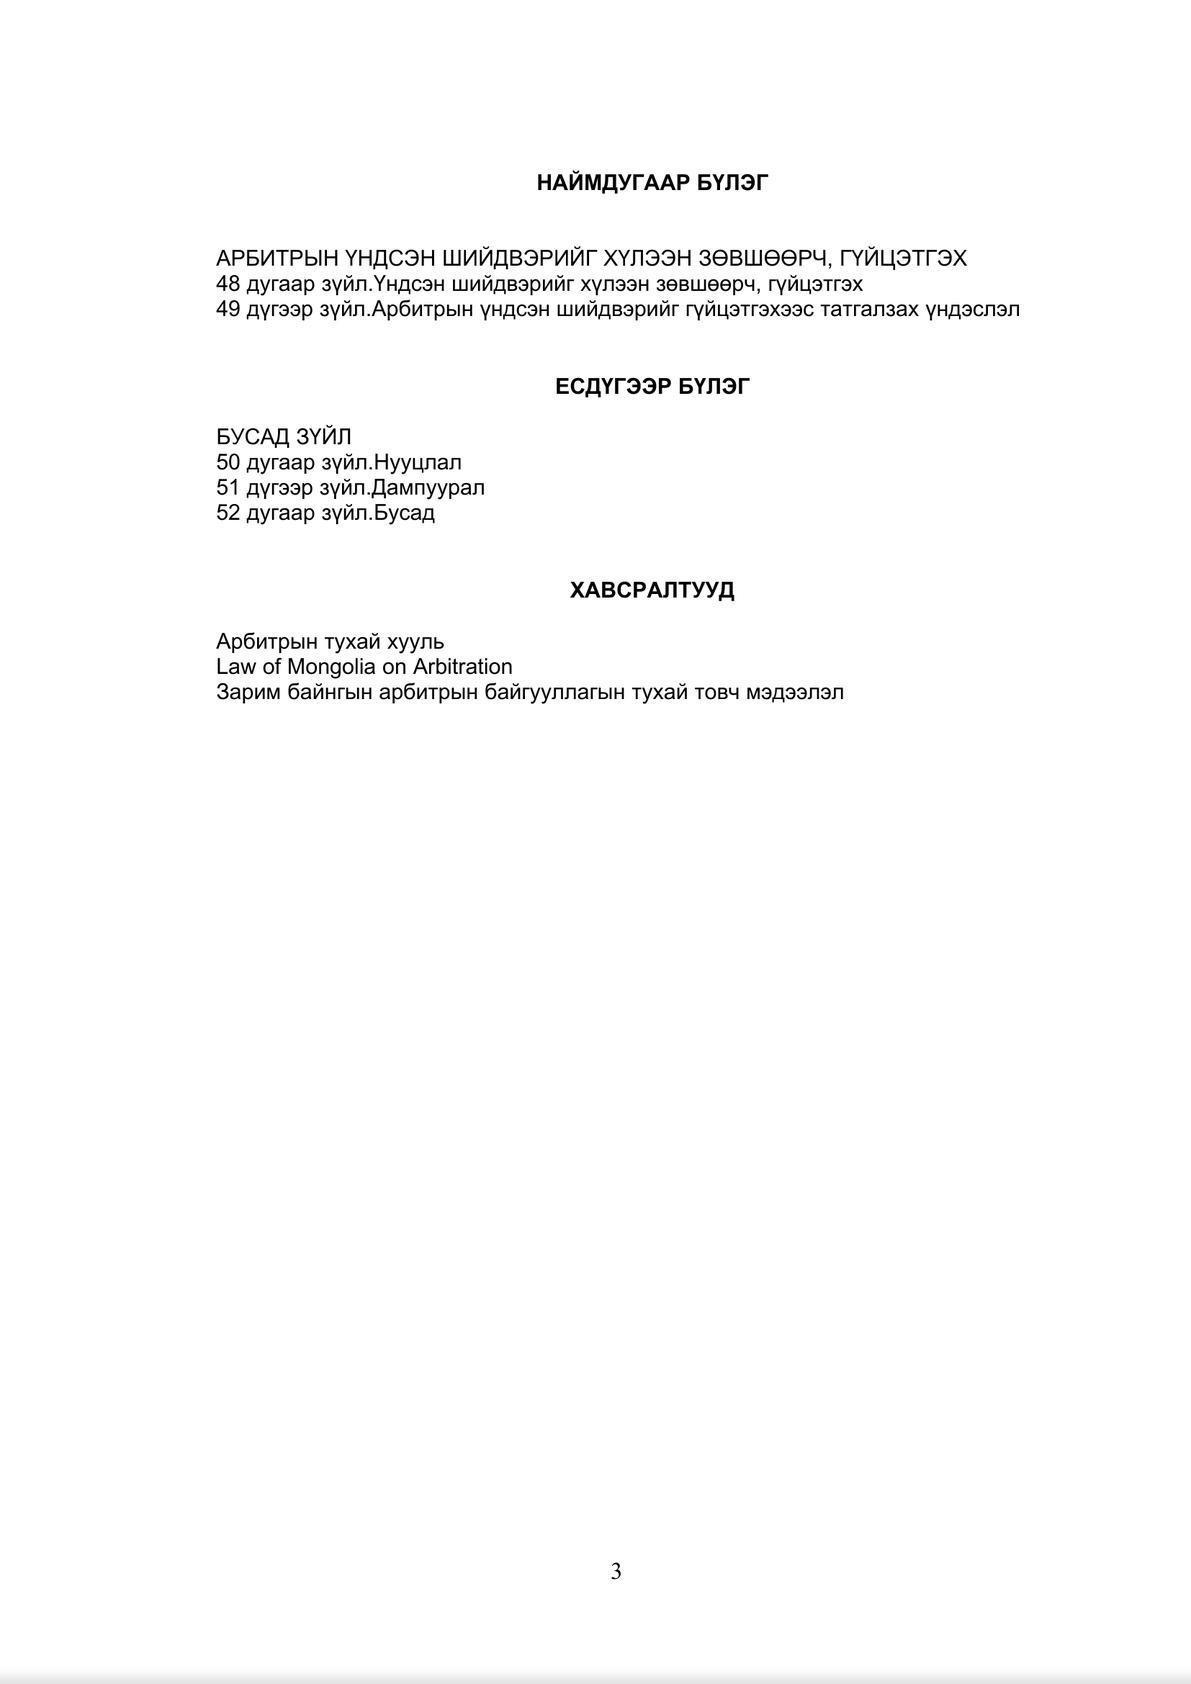 Арбитрын тухай хуулийн тайлбар (Commentary on Mongolian Law on Arbitration)-2